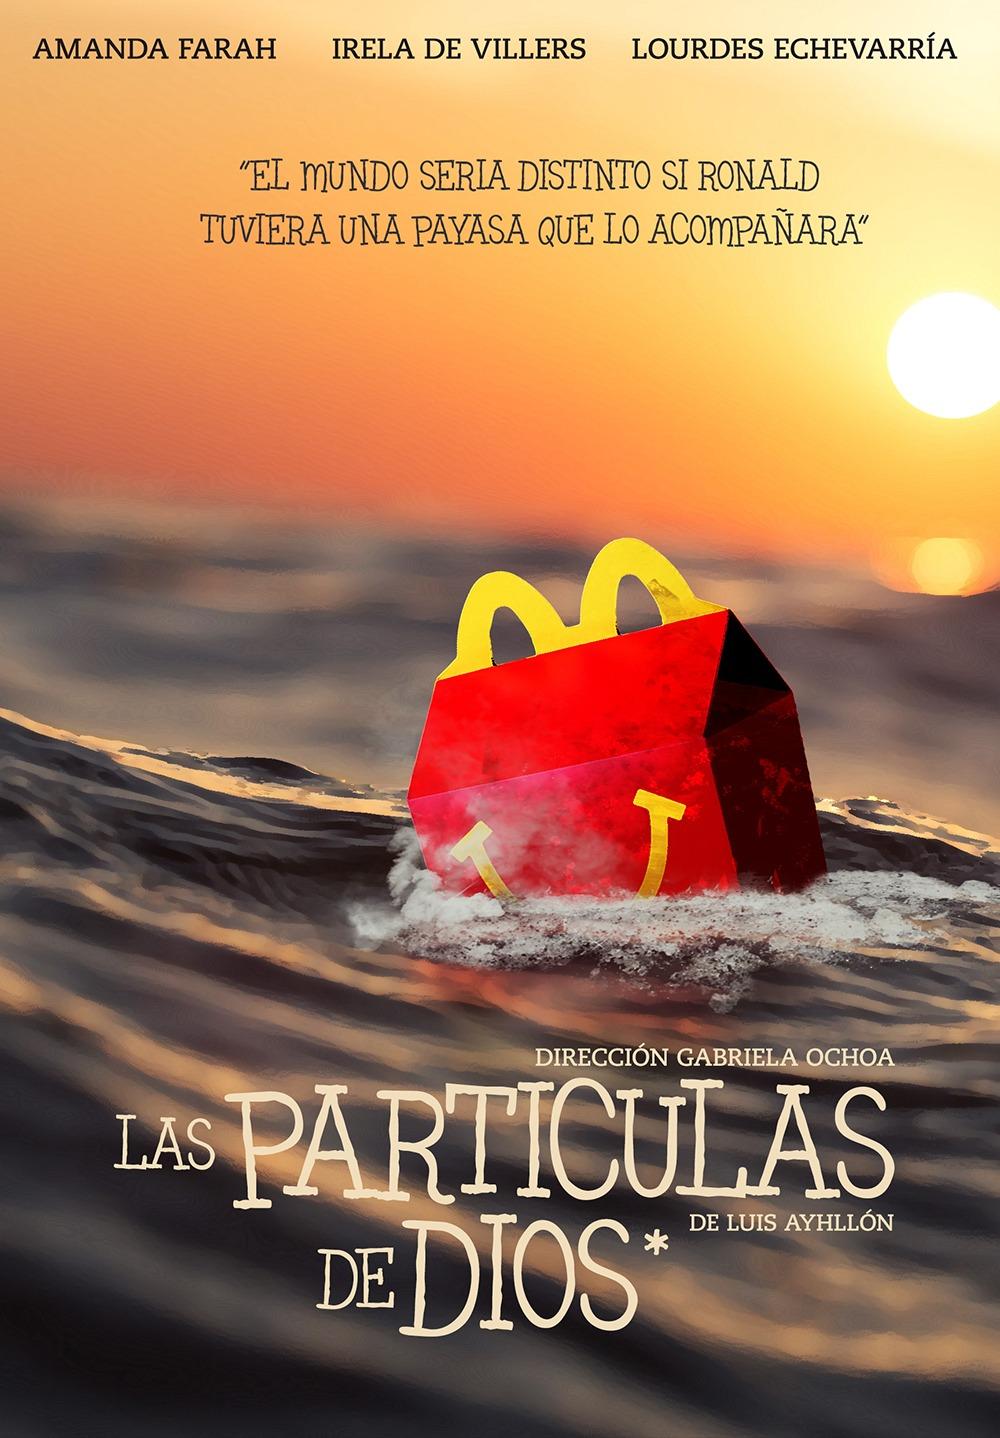 Poster de Las Particulas de Dios